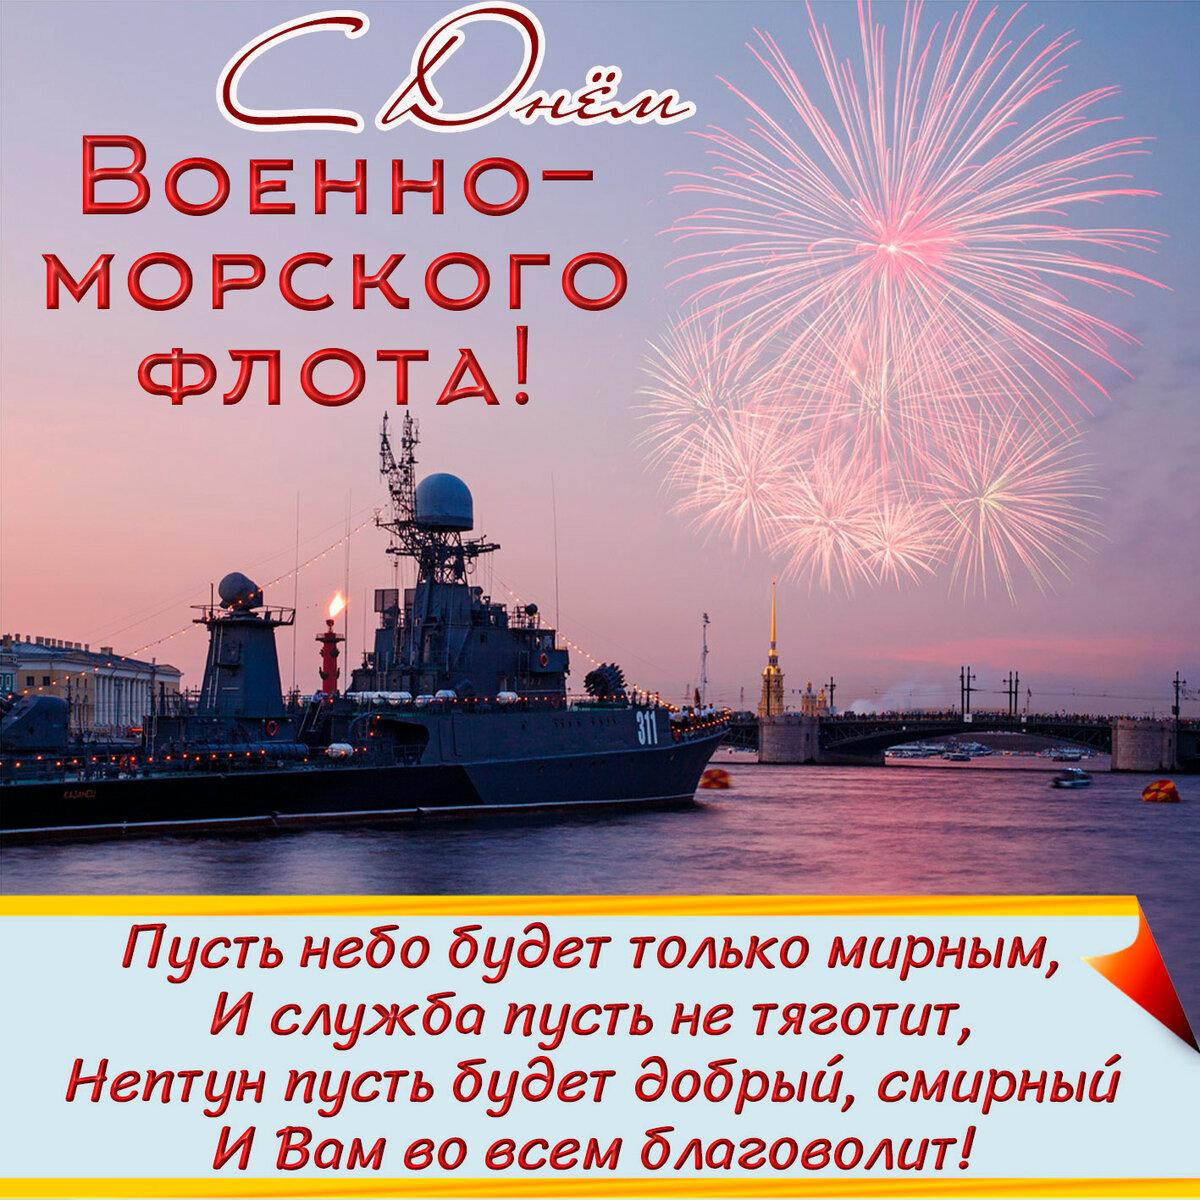 Поздравление морякам с днем военно морского флота